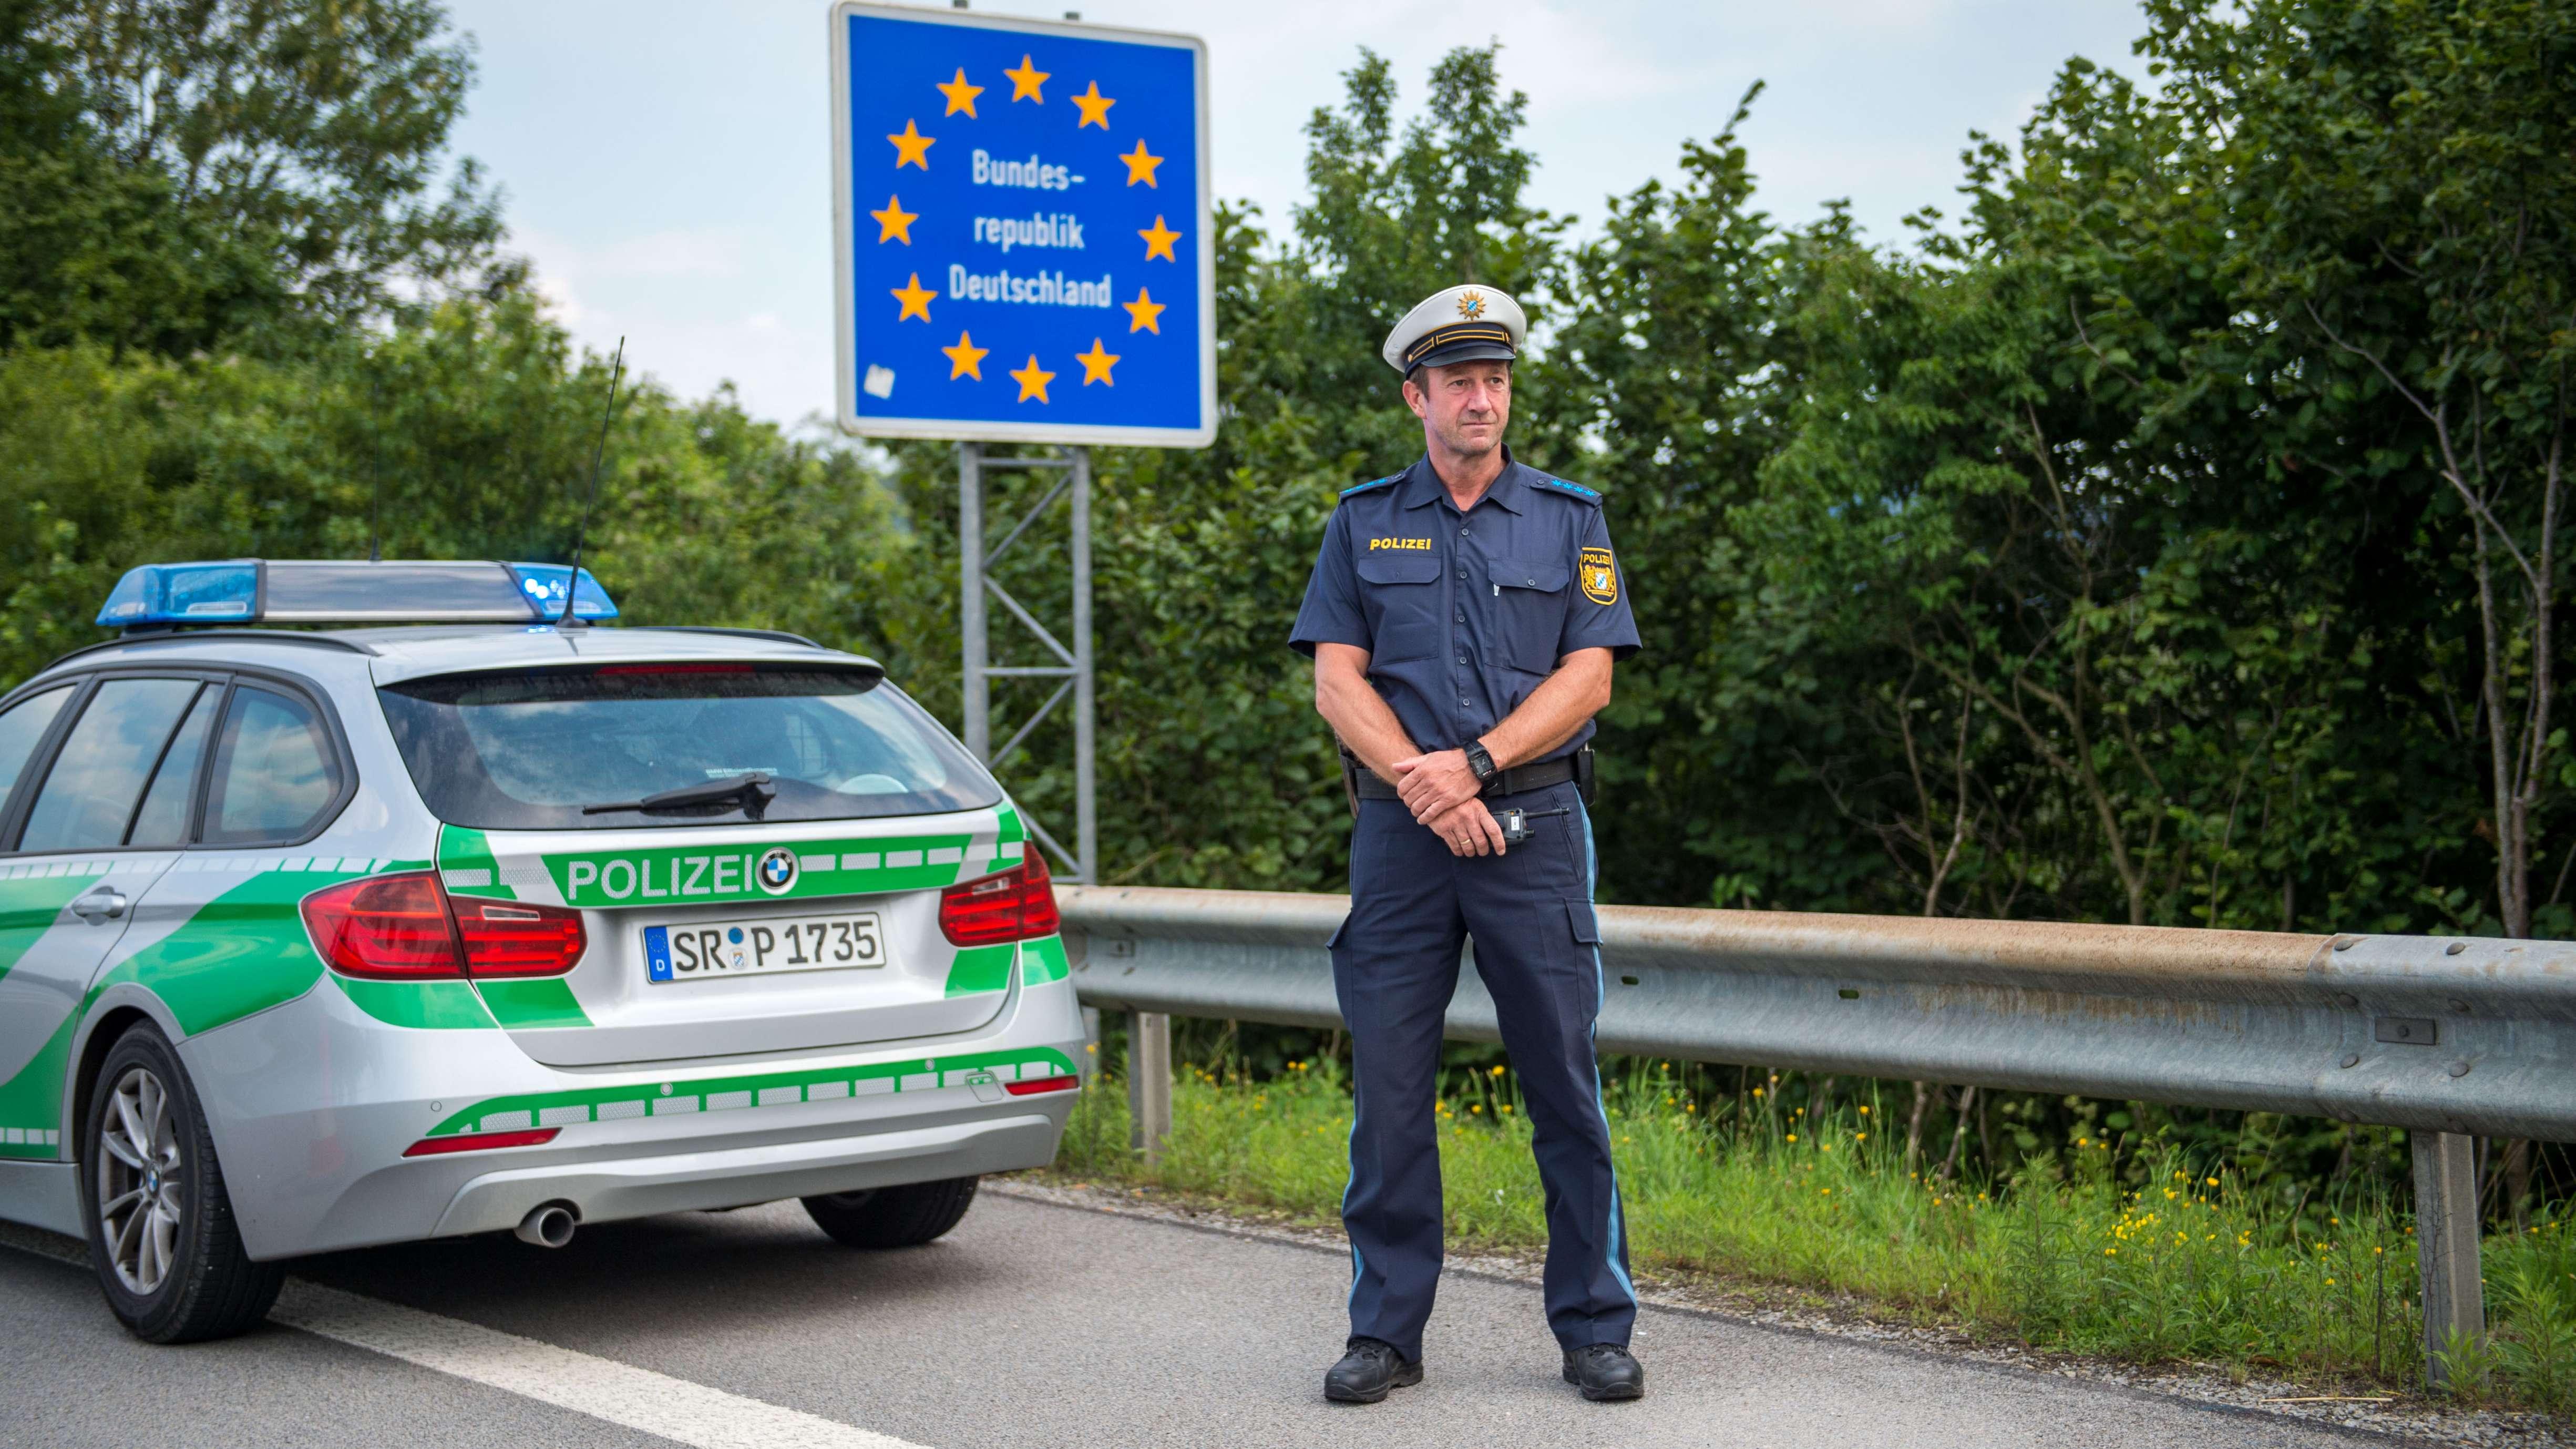 Ein Beamter der bayerischen Grenzpolizei steht am 18. Juli 2018 am Grenzübergang Kirchdorf an der deutschen Staatsgrenze